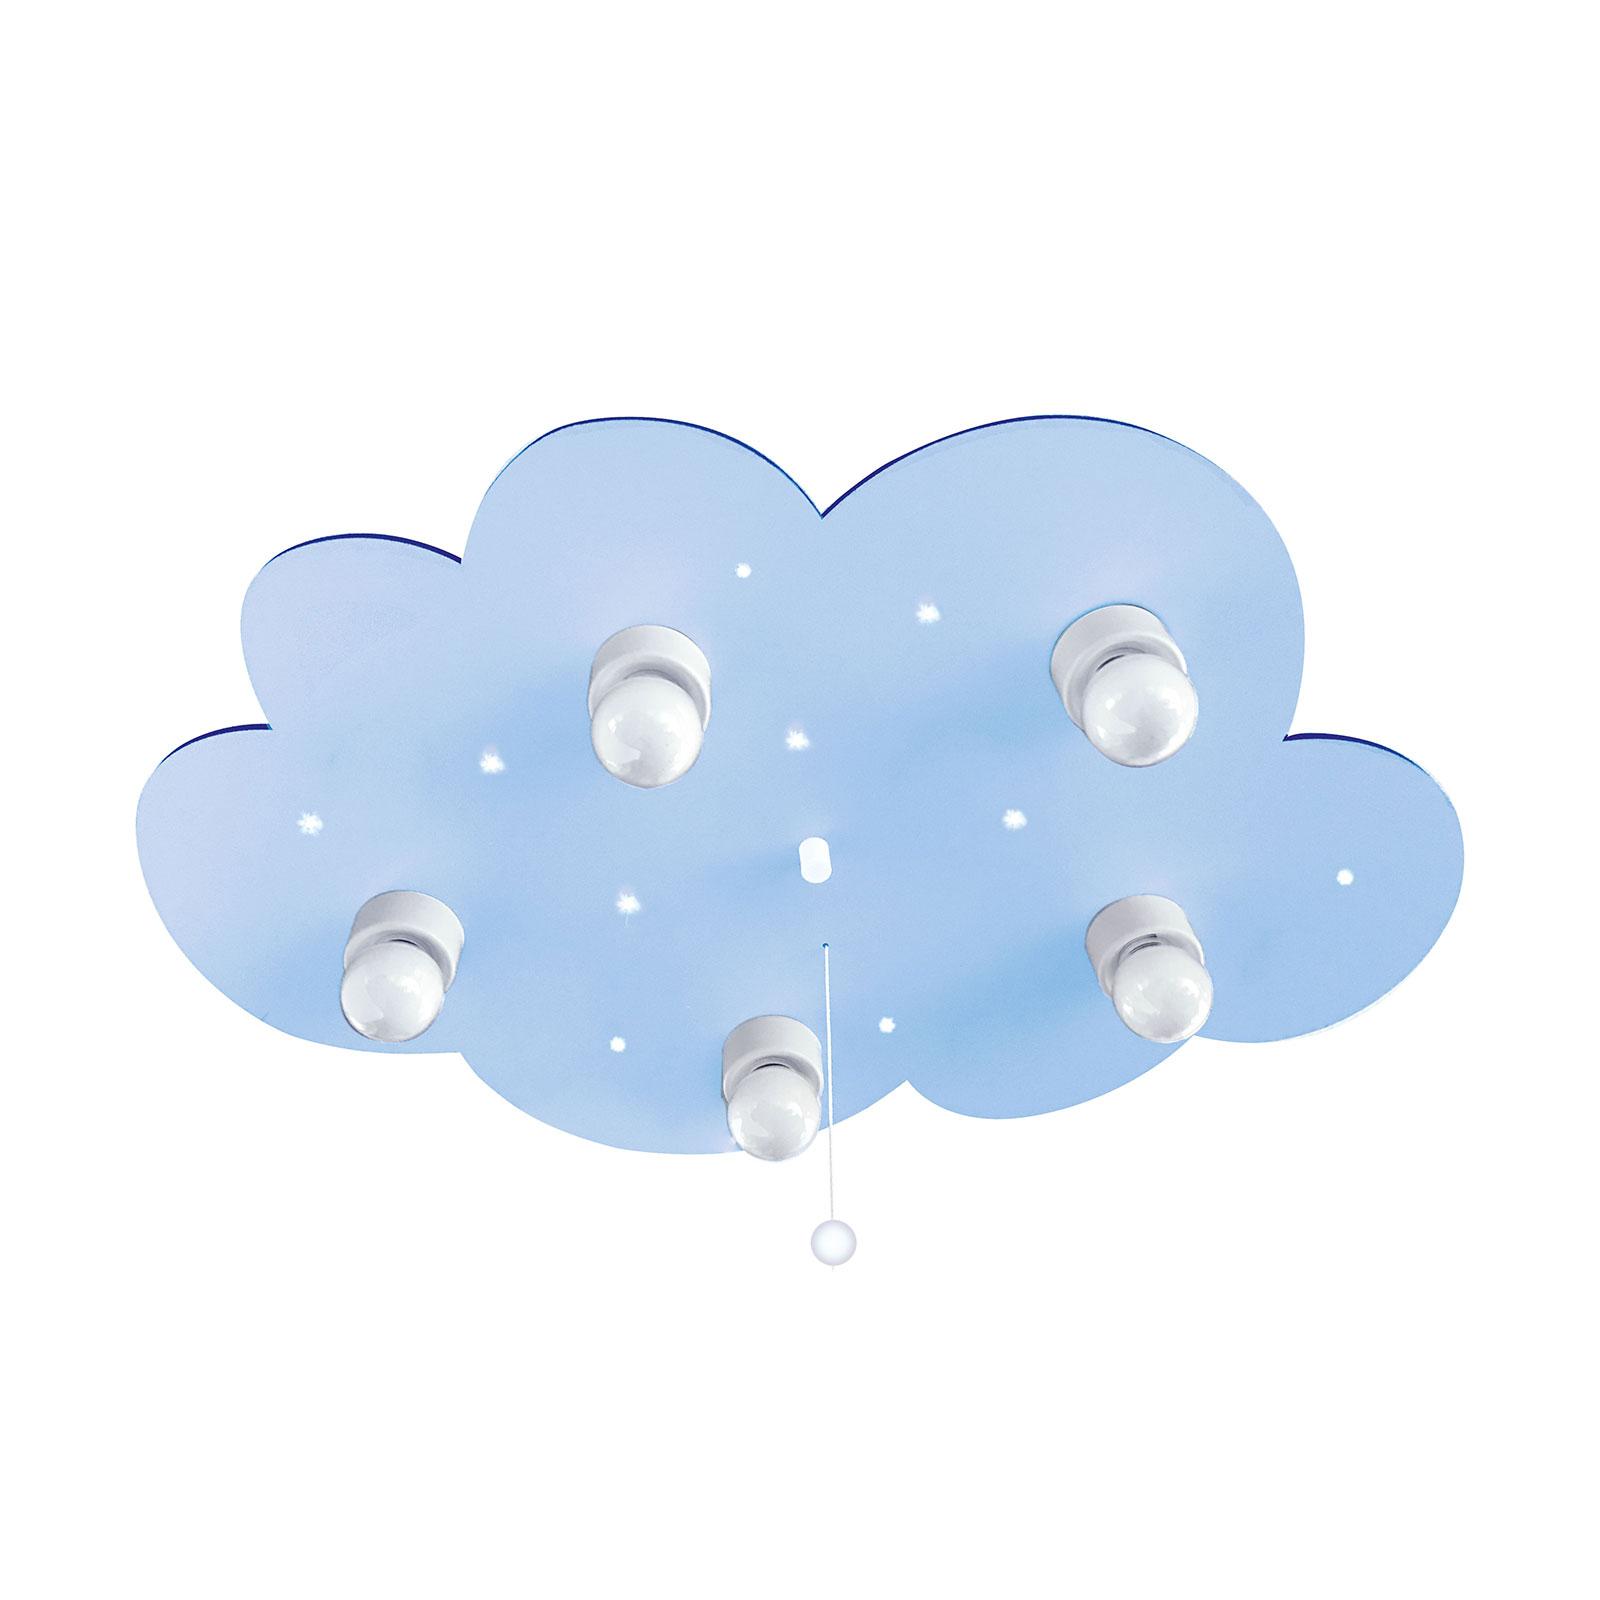 Plafonnier Nuage, à 5 lampes, bleu clair